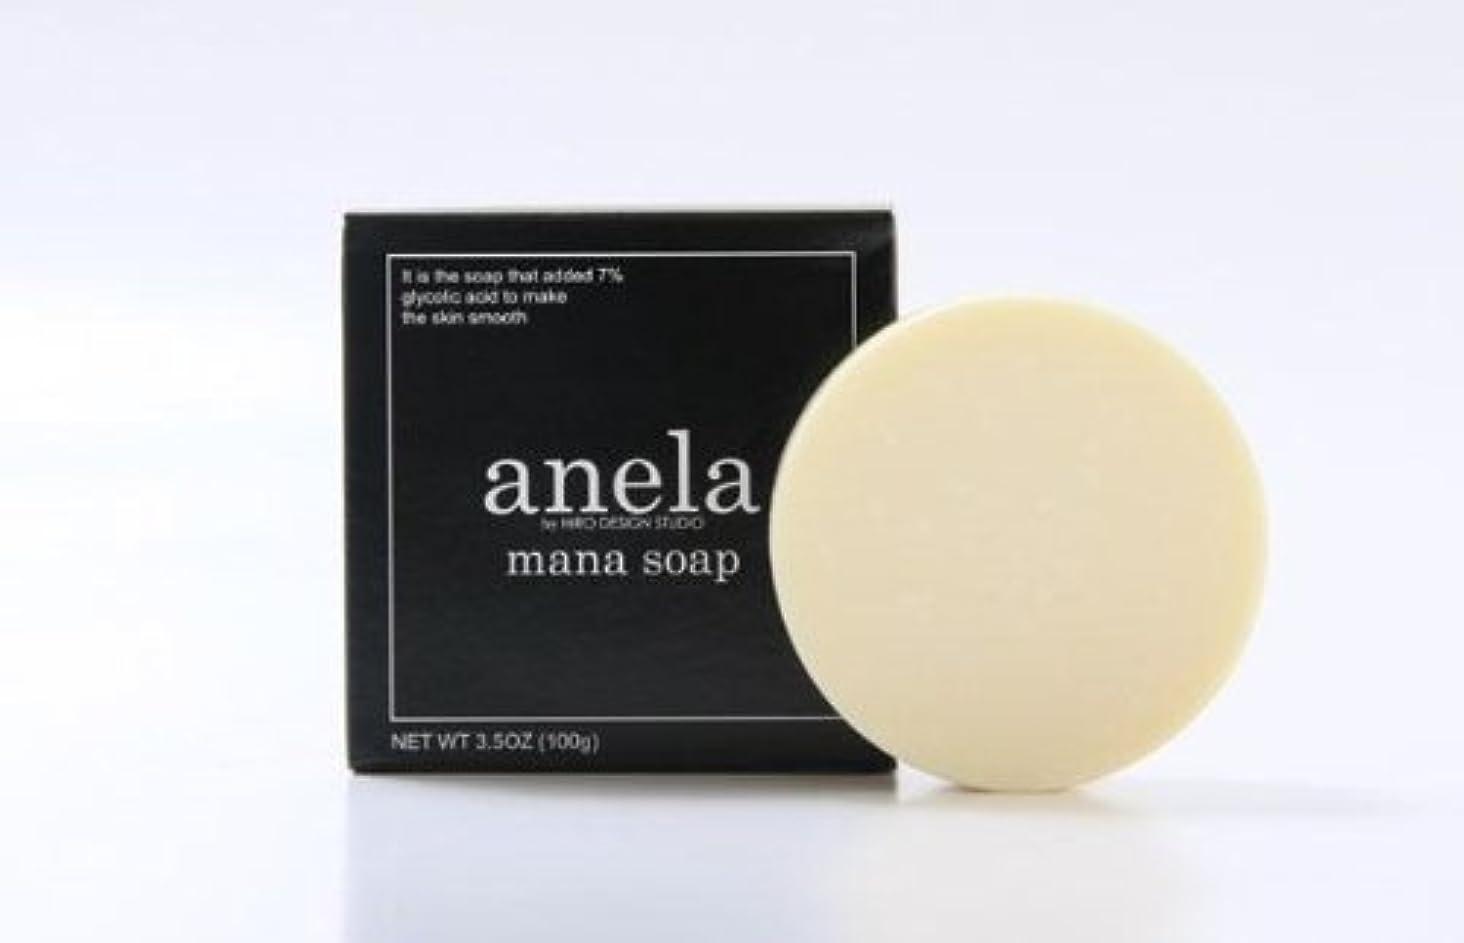 代表するボックスキャベツanela アネラ マナソープ(AHA7%) 100g MANA100